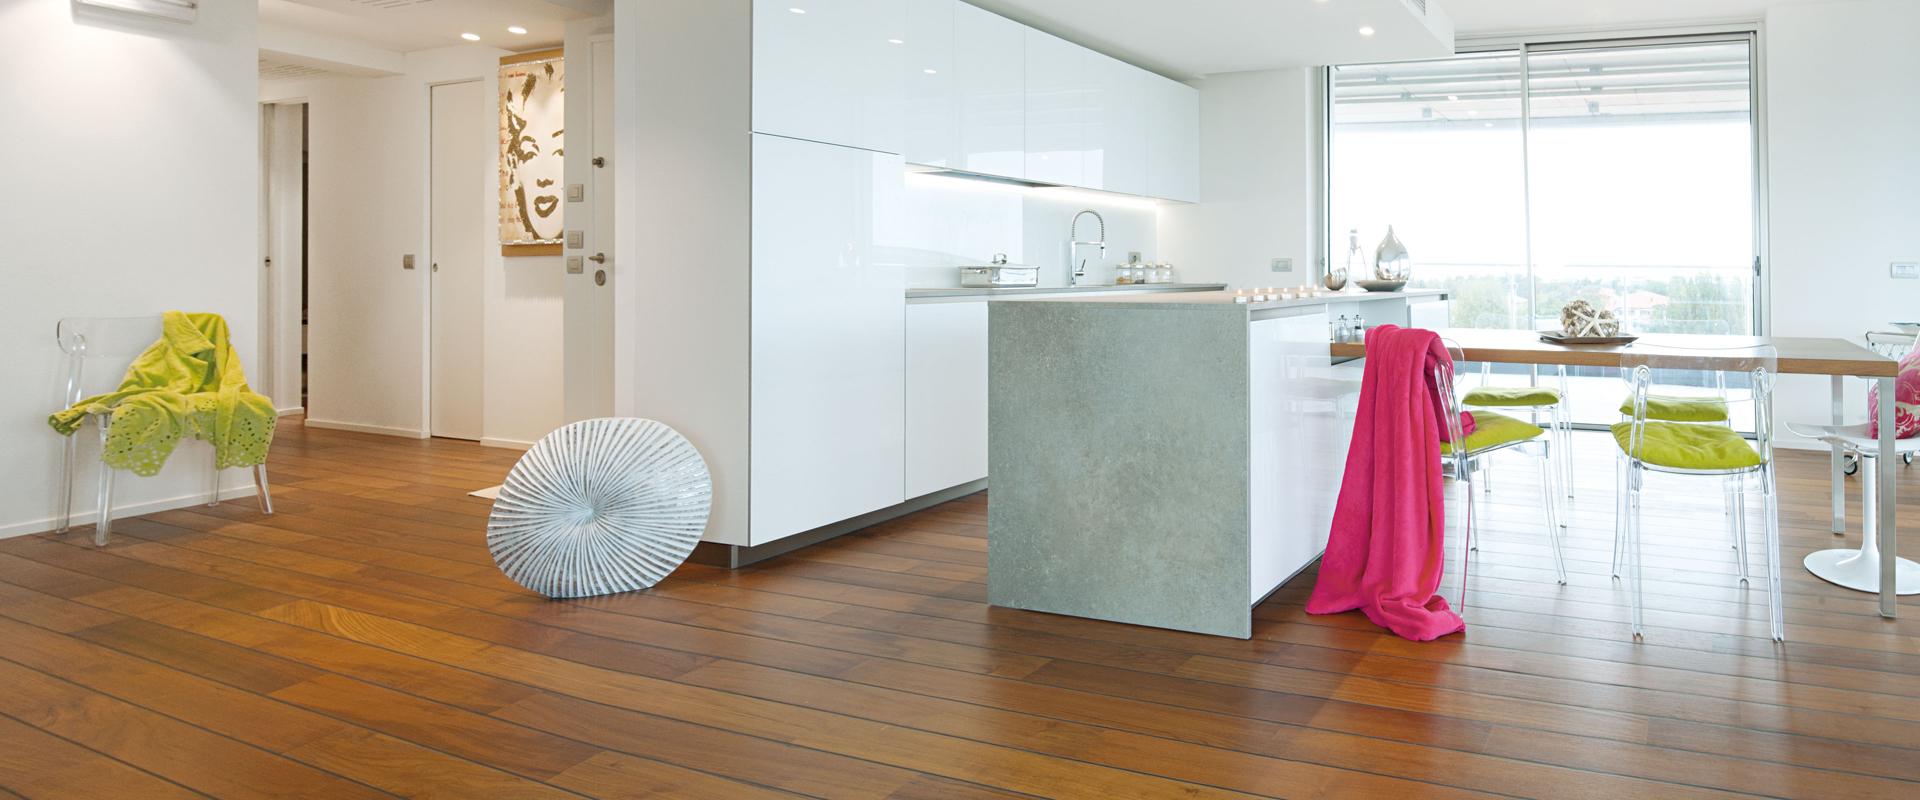 Gallery: Pavimento in legno per la Cucina | Garbelotto